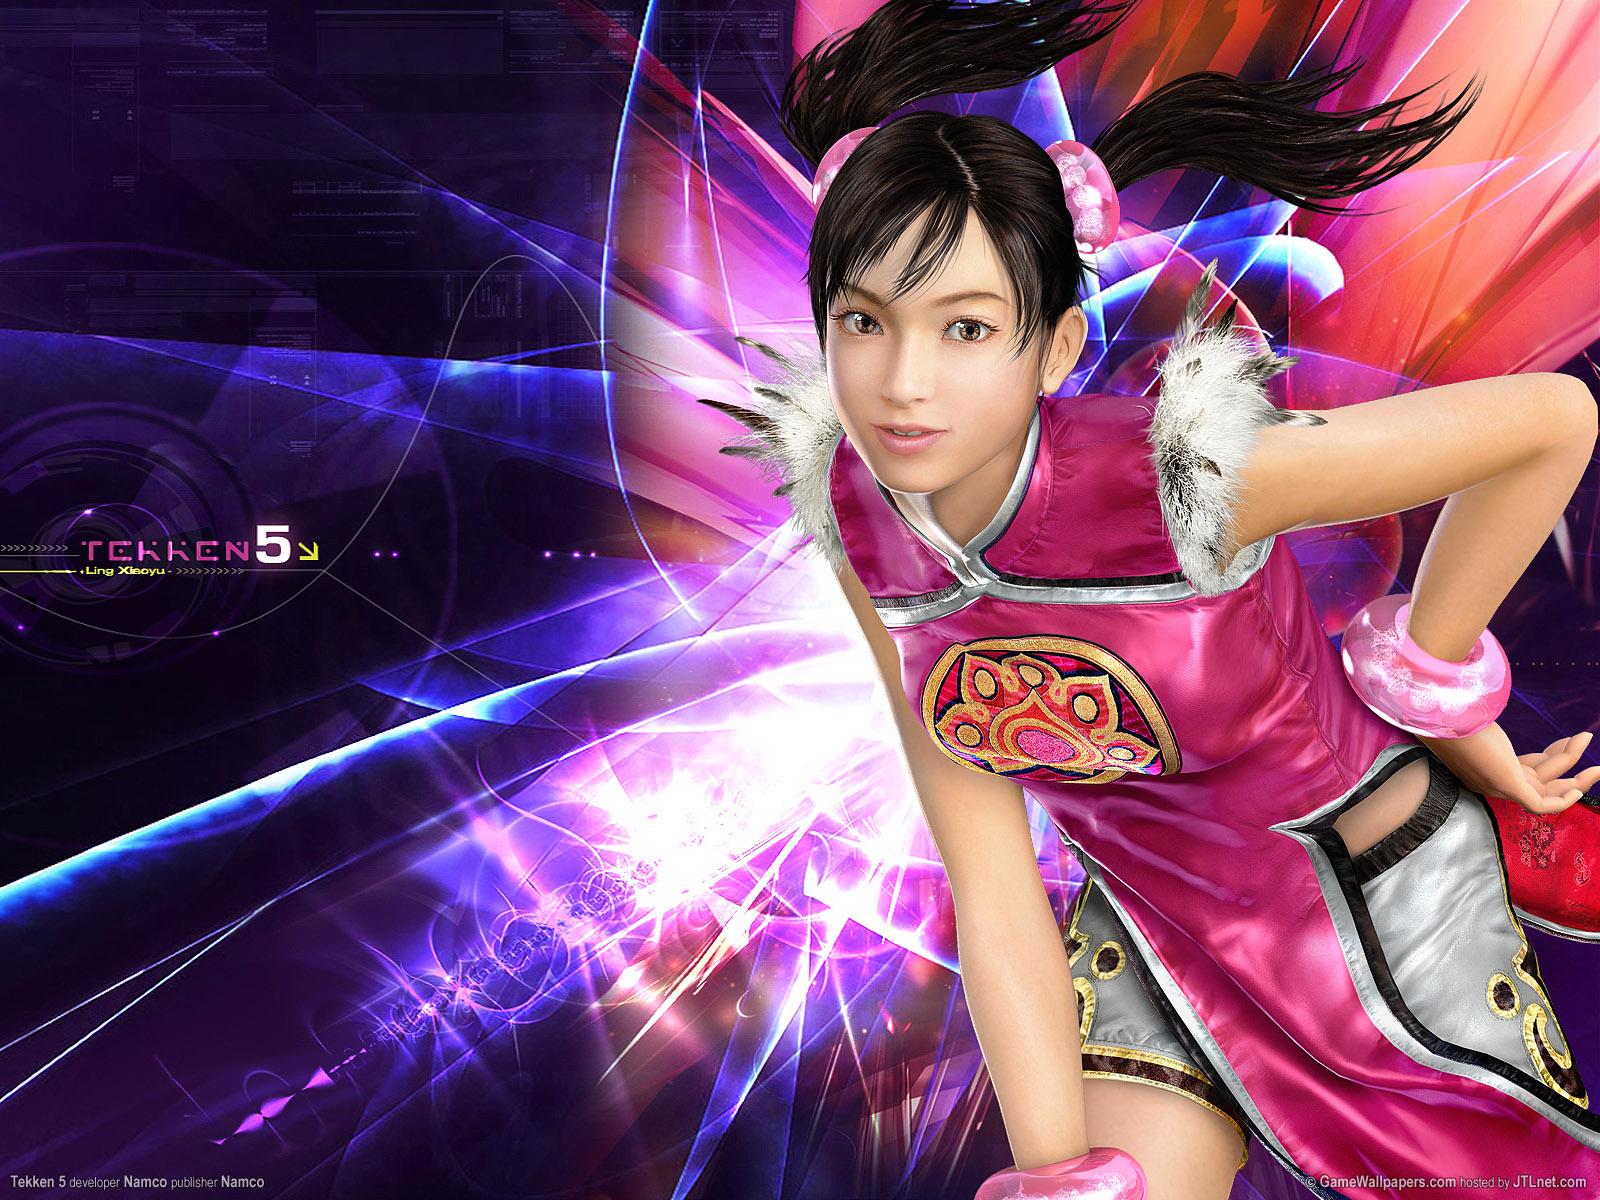 Tekken Girls Wallpapers Pc 1600x1200